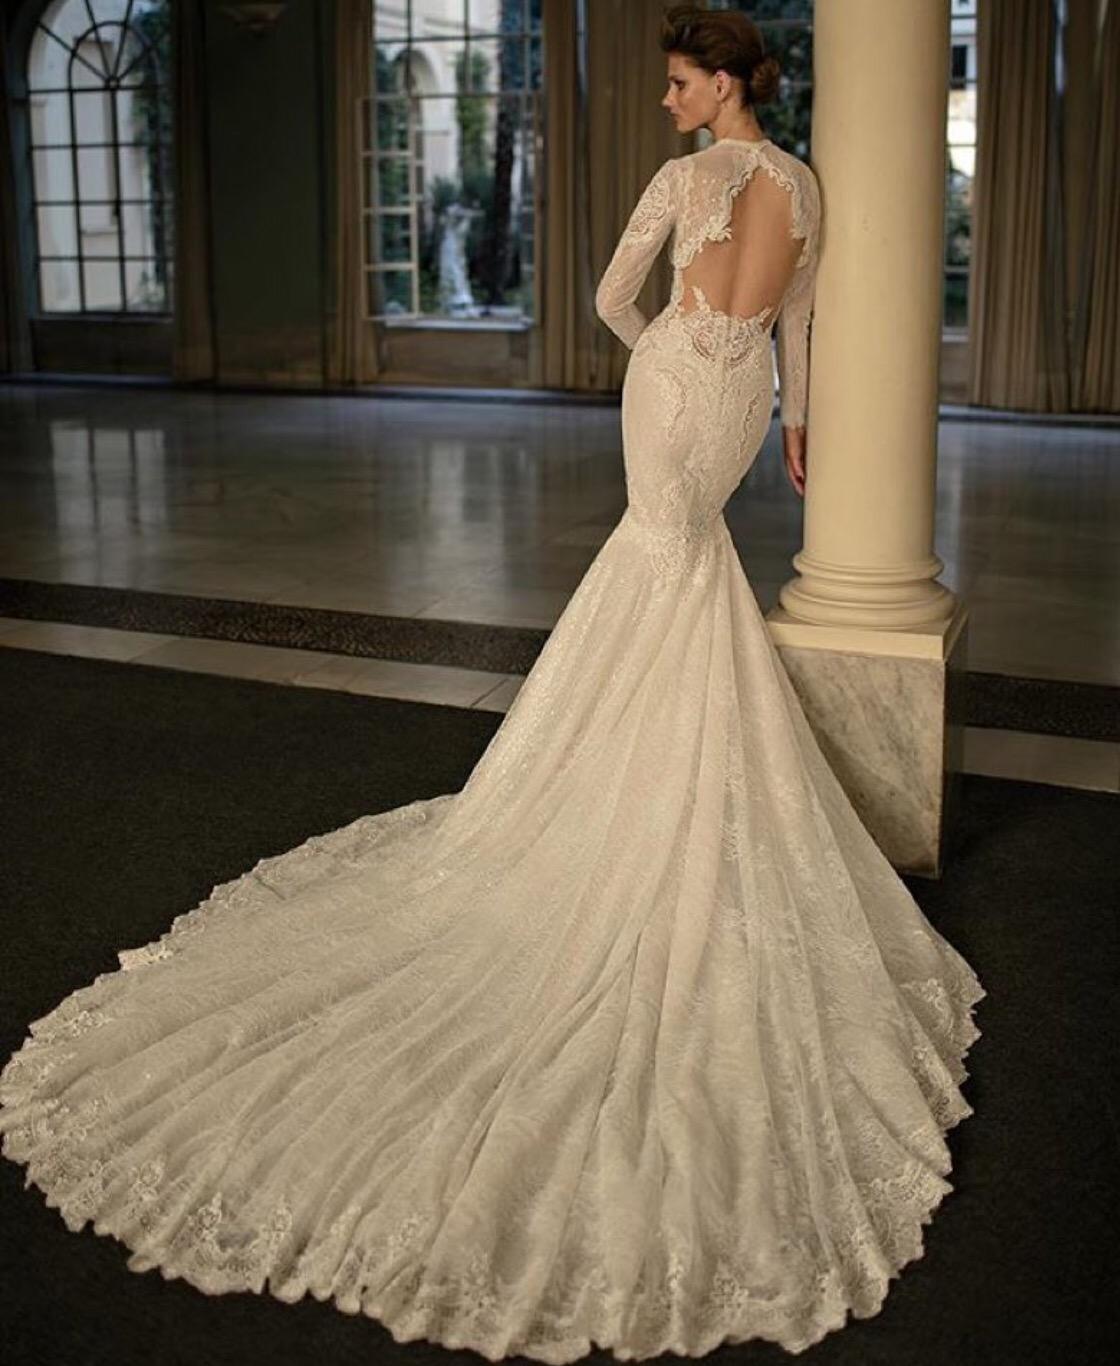 Detalles de Boda  Los mejores vestidos de novia de Instagram